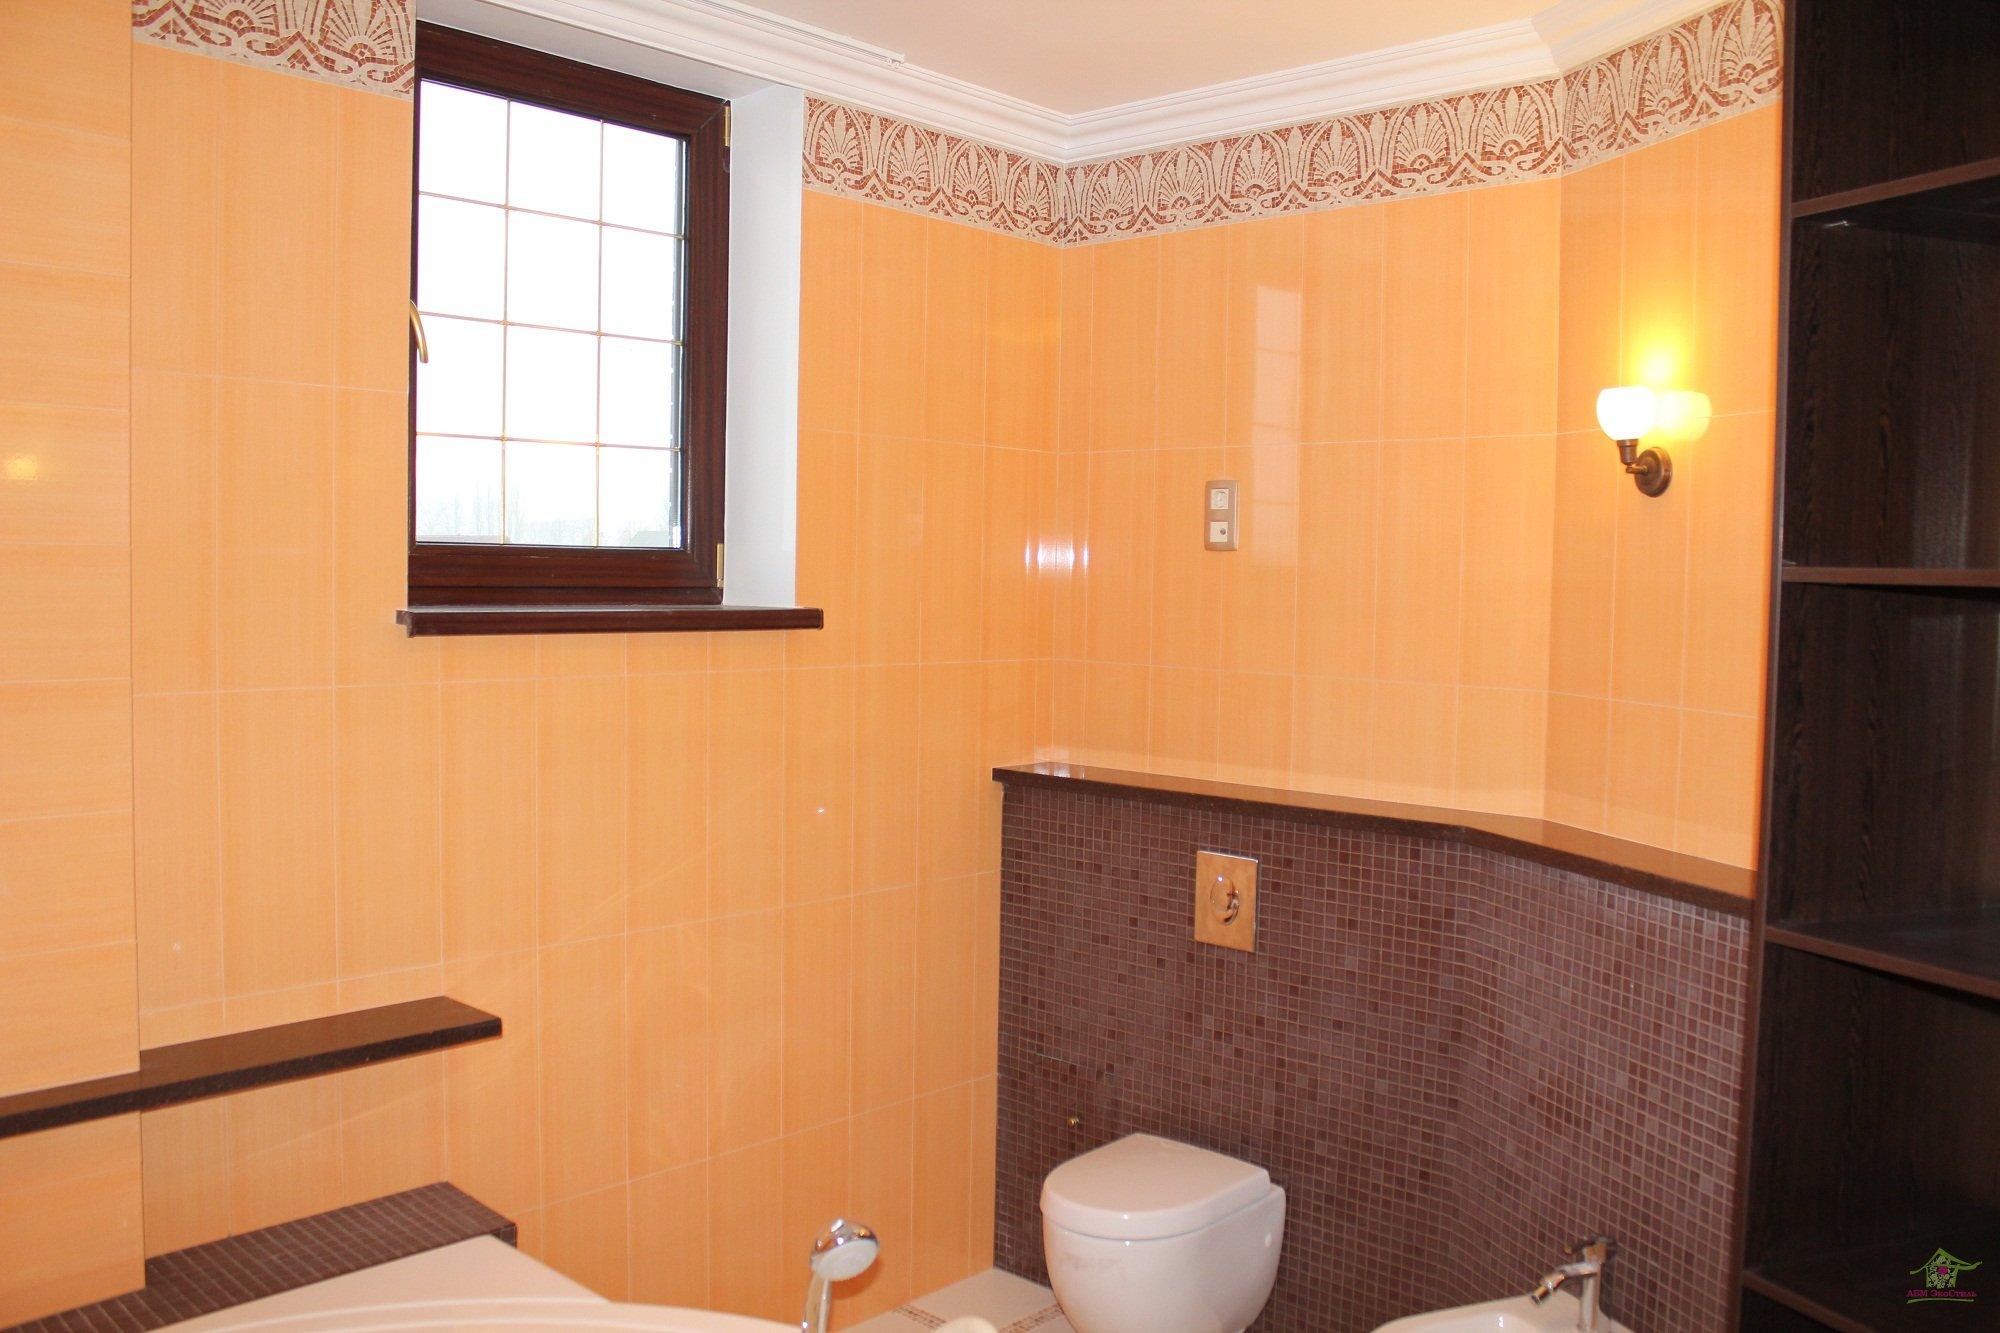 Стены в квартире чем отделать, кроме 98